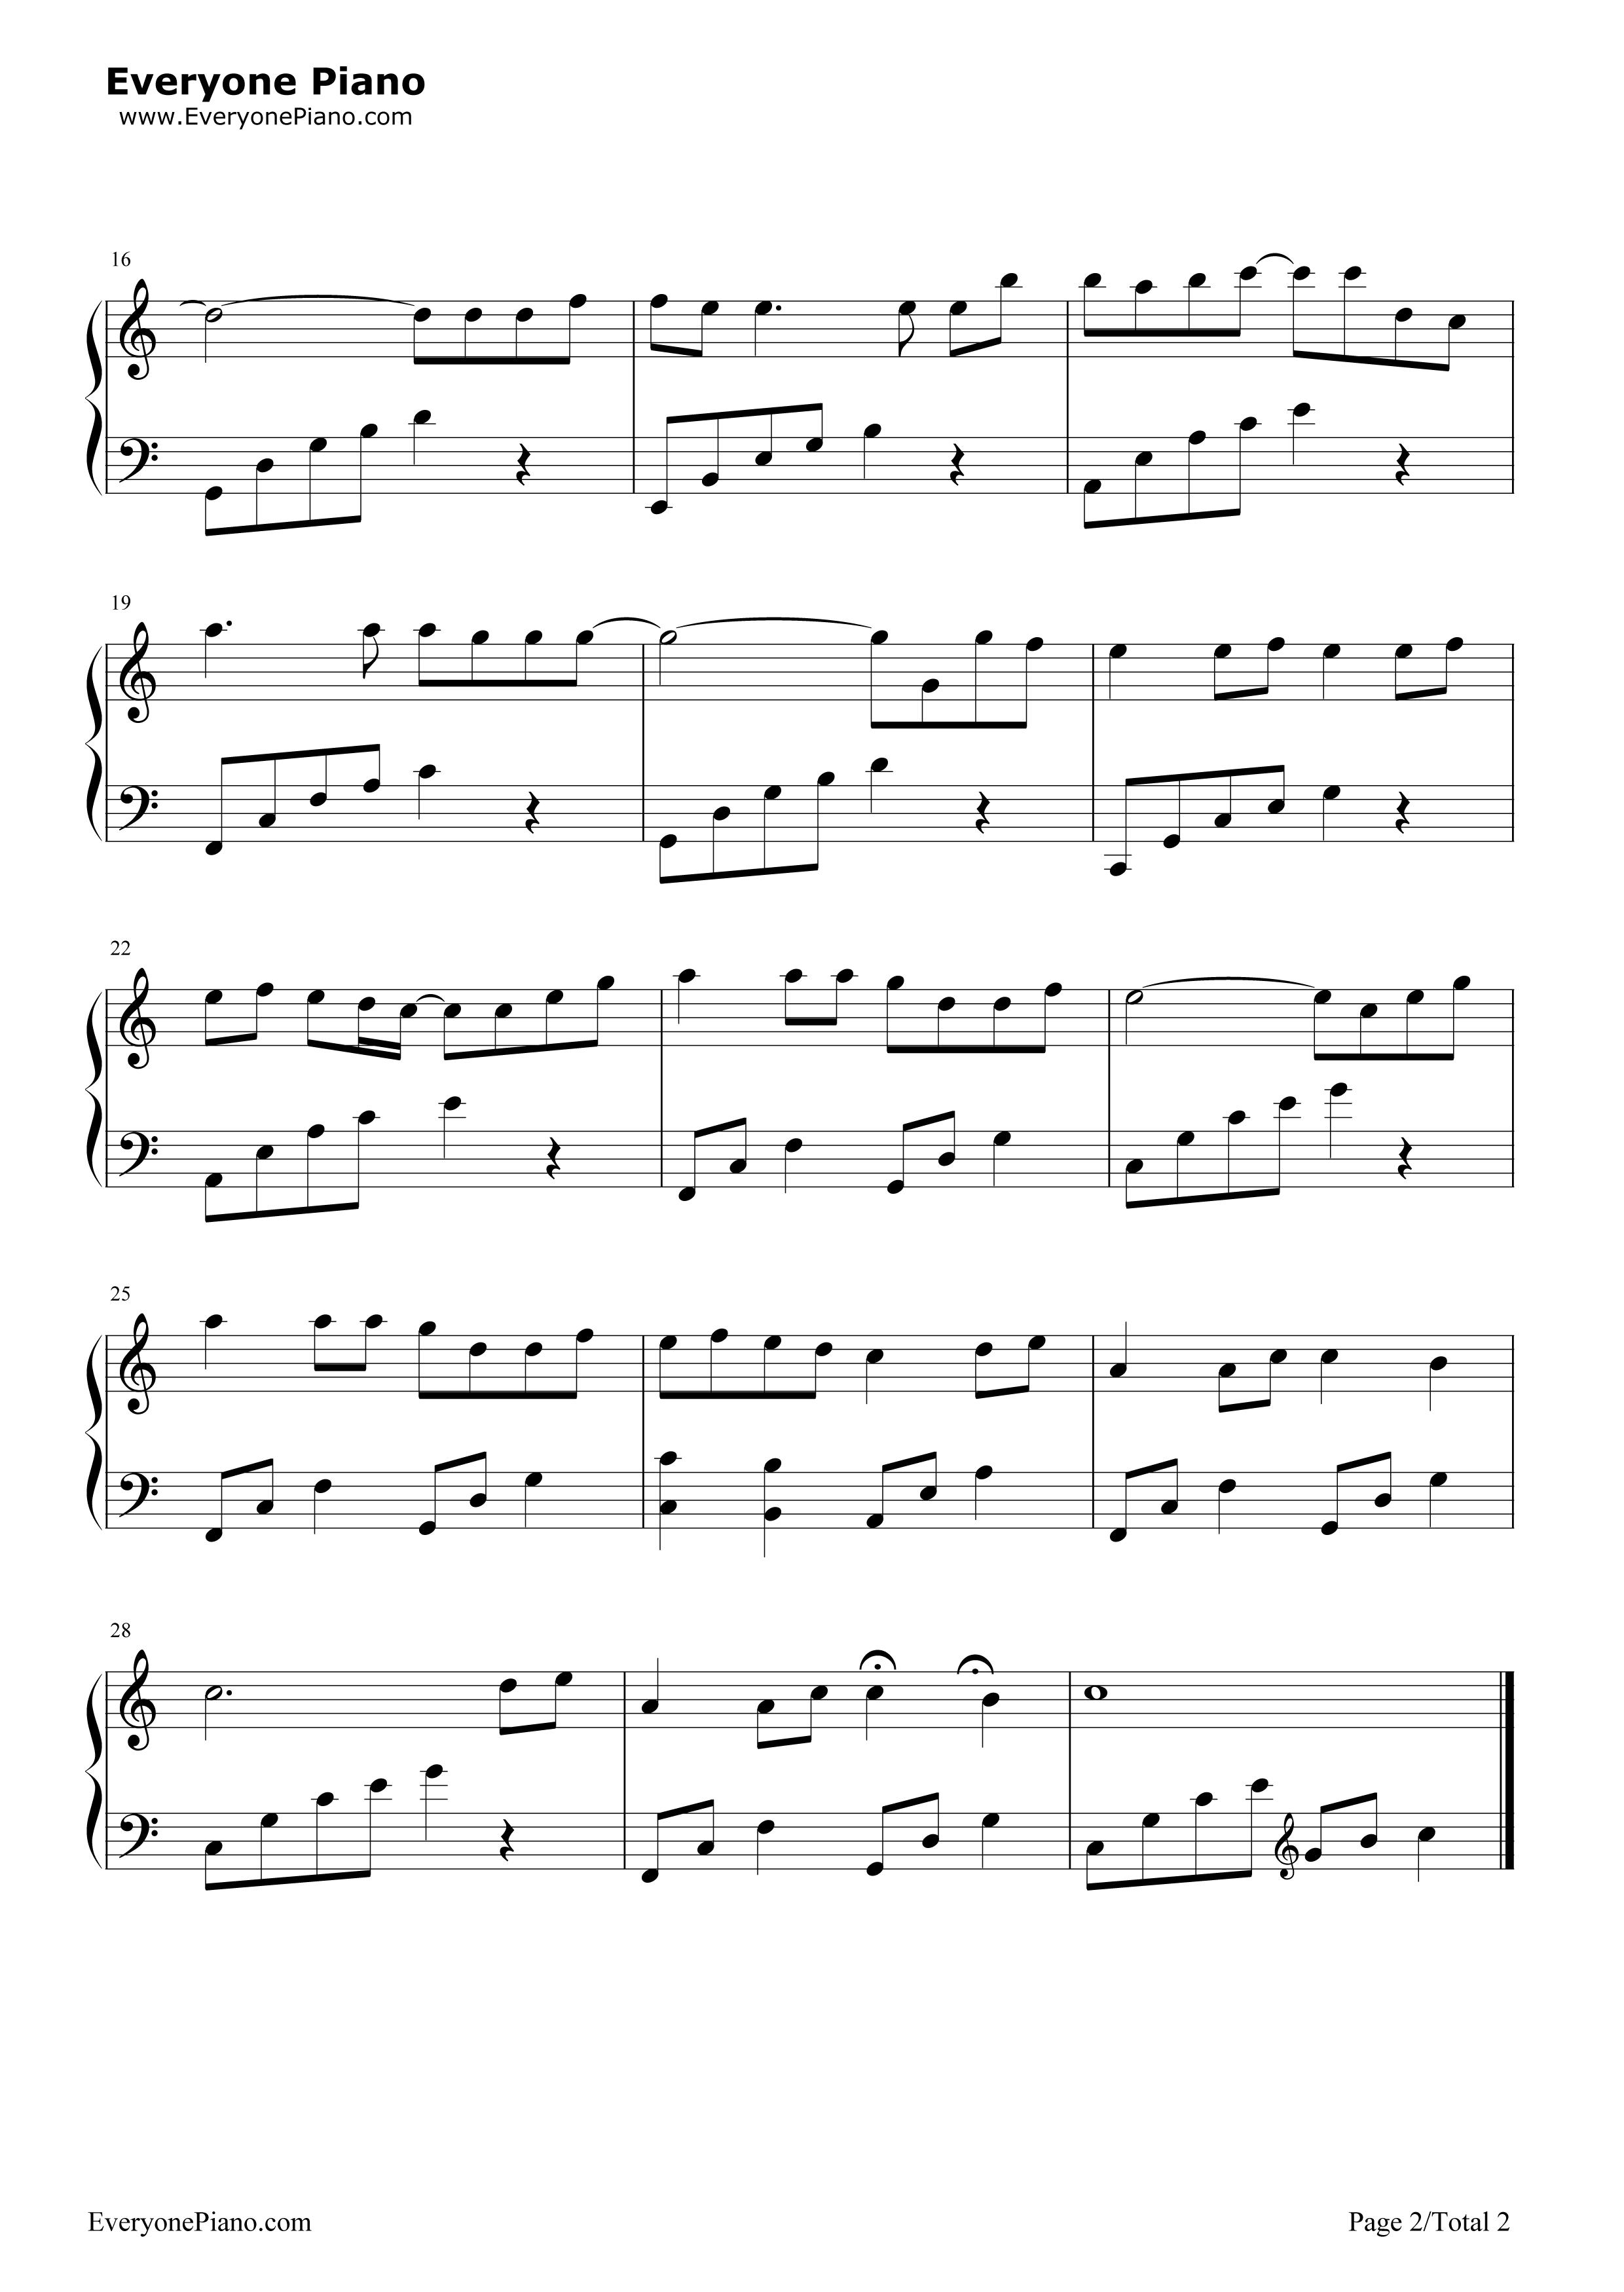 童话五线谱预览2-钢琴谱(五线谱,双手简谱)免费下载